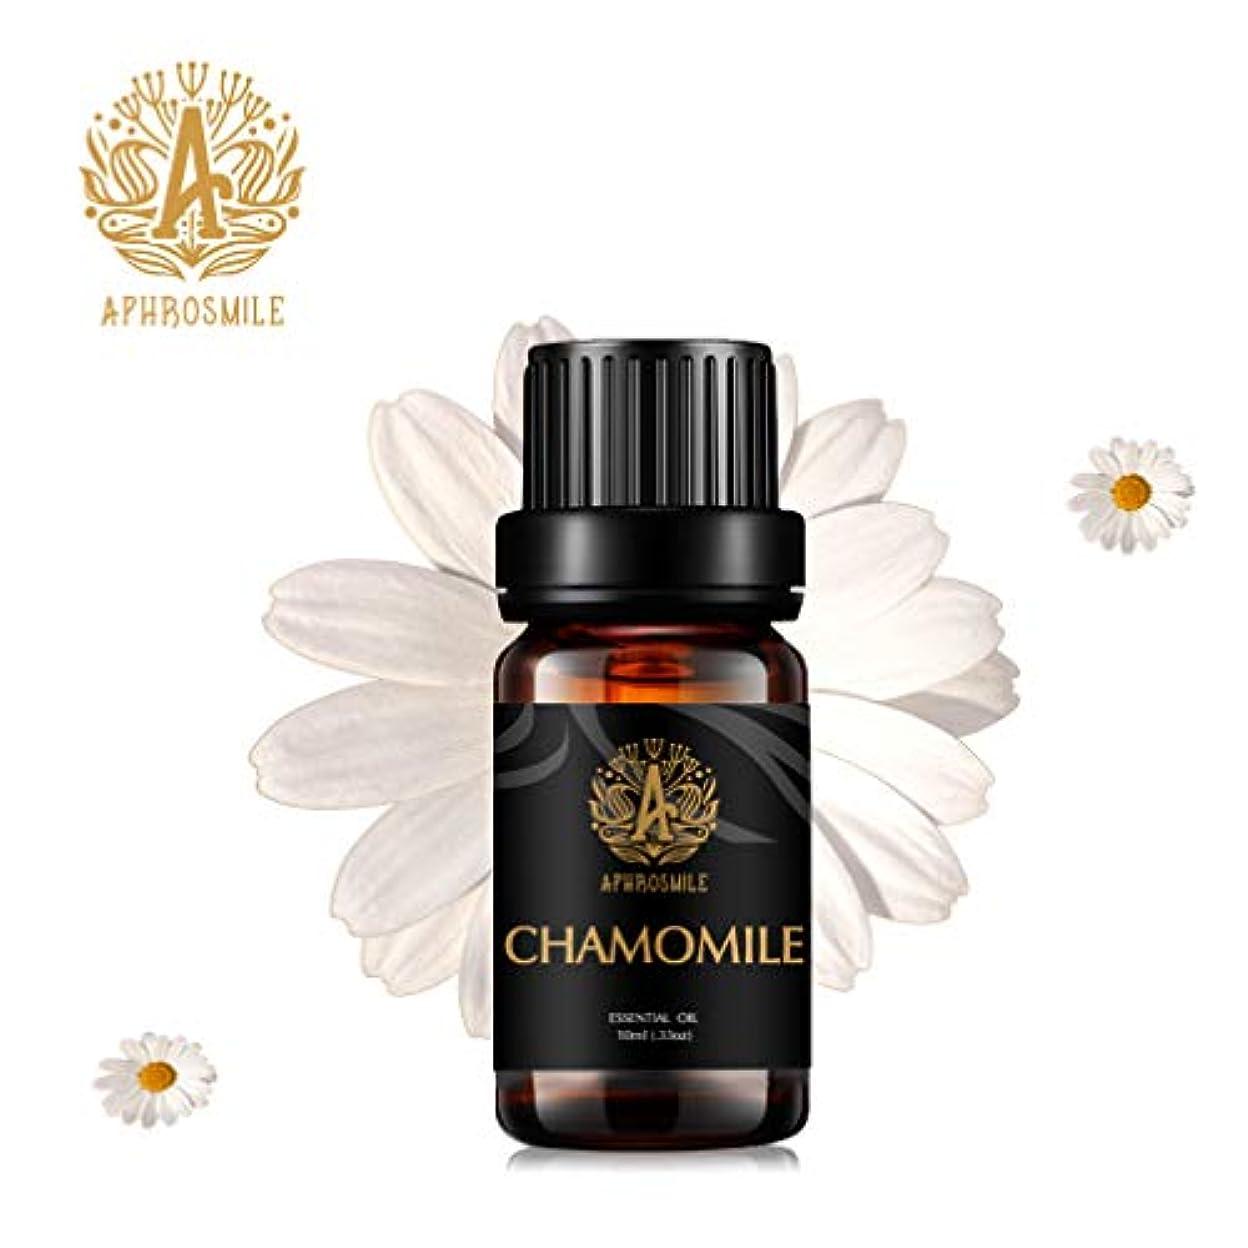 カウントアップ実験をする米ドルカモミールエッセンシャルオイル、100%純粋なアロマセラピーエッセンシャルオイルカモミールの香り、不安を和らげます、治療上の等級の精油のカモミールの芳香のために拡散器、マッサージ、加湿器、毎日の心配、0.33オンス-10ml